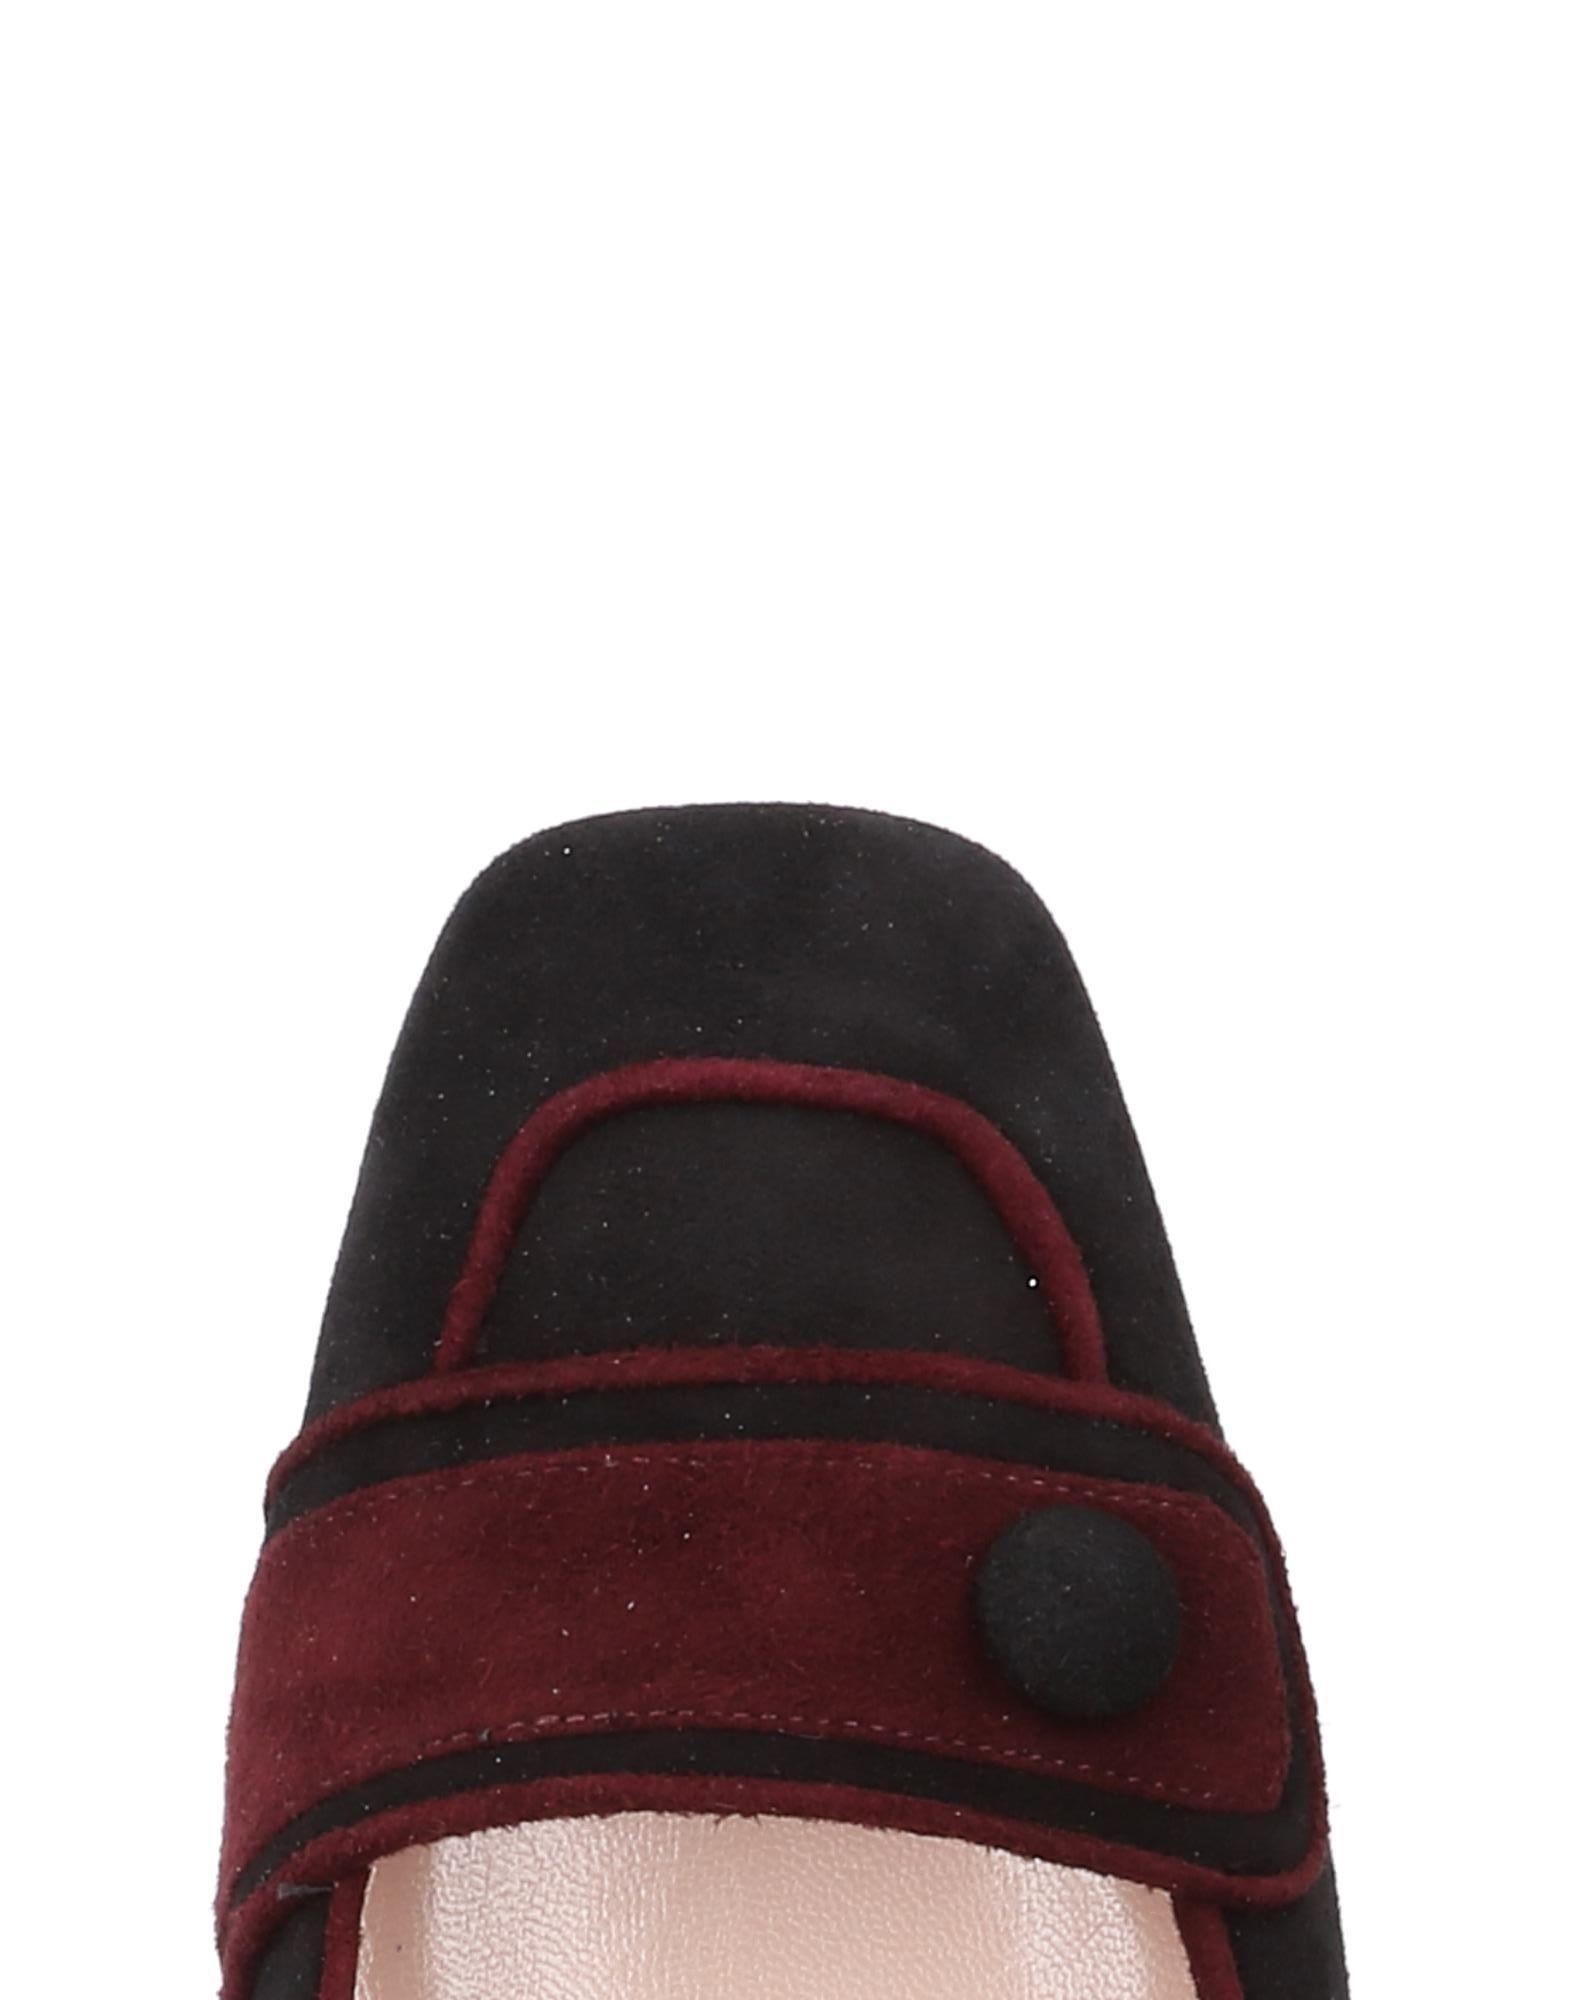 Gut um billige Damen Schuhe zu tragenCavallini Mokassins Damen billige  11484058HN 4fb798